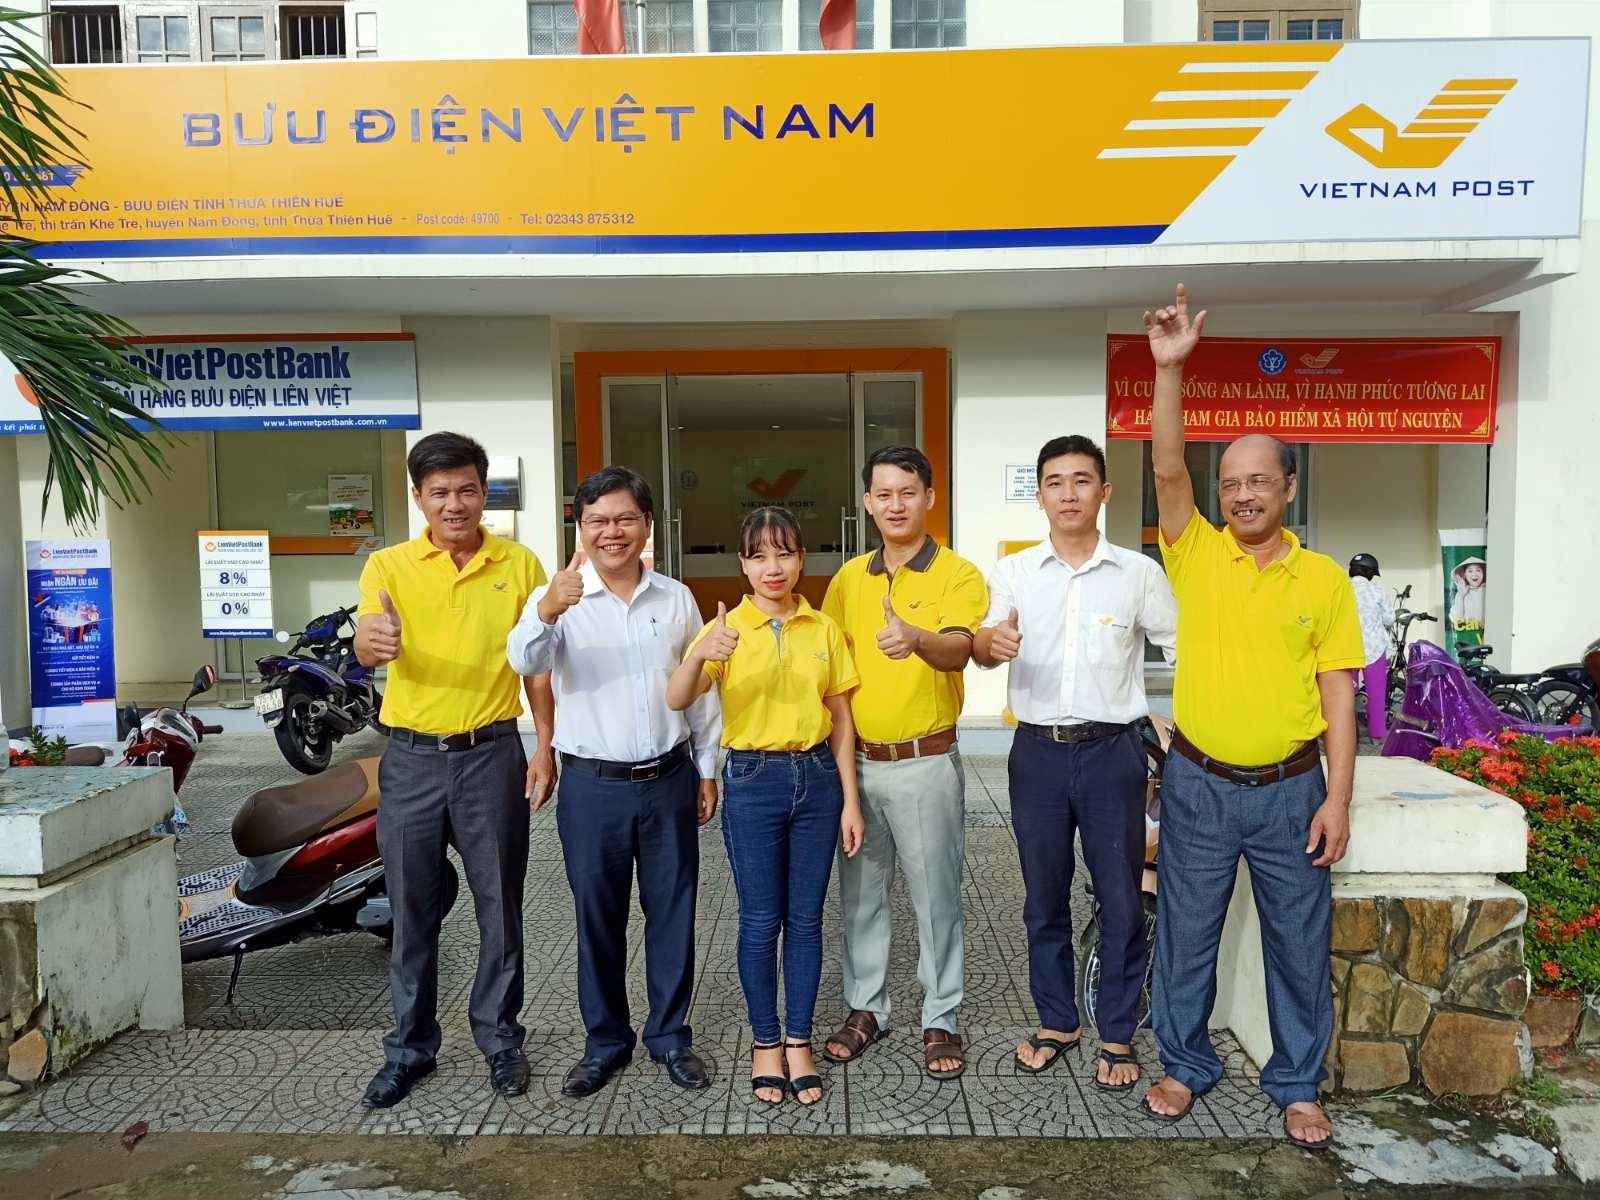 Lễ ra quân tuyên truyền và phát triển người tham gia BHXH tự nguyện tại Bưu điện huyện Nam Đông